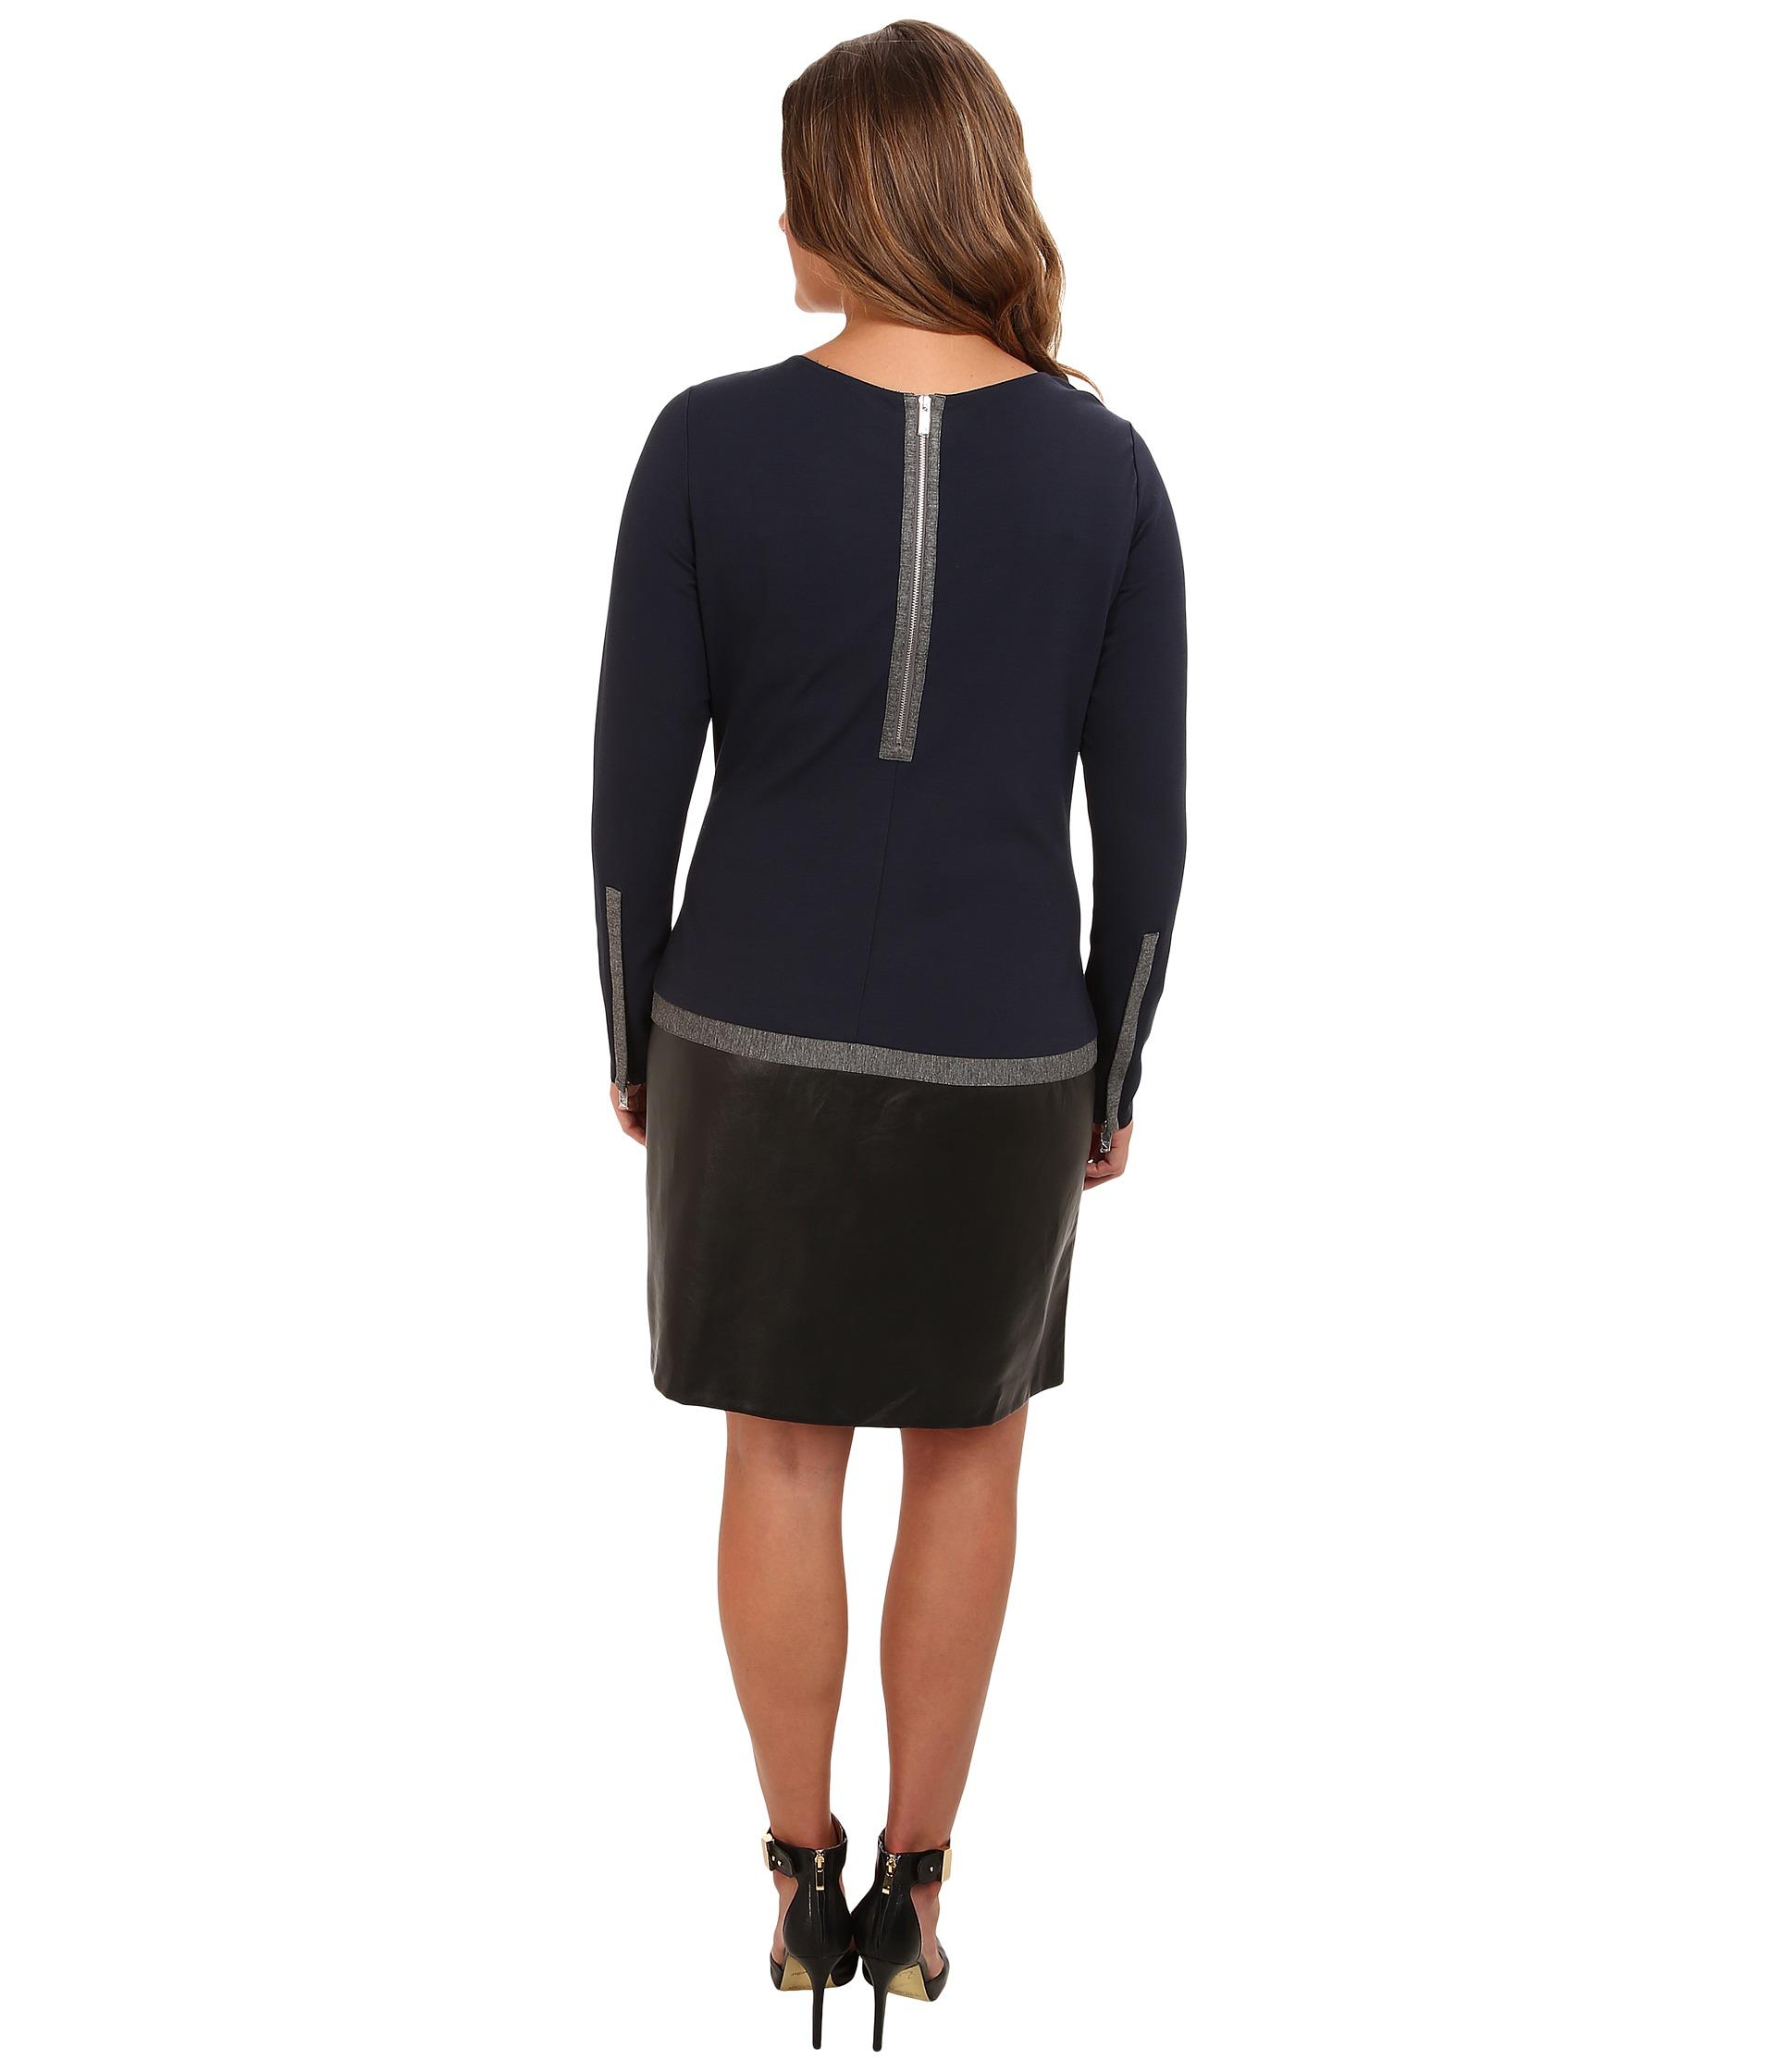 dknyc plus size l s faux leather skirt dress w color block